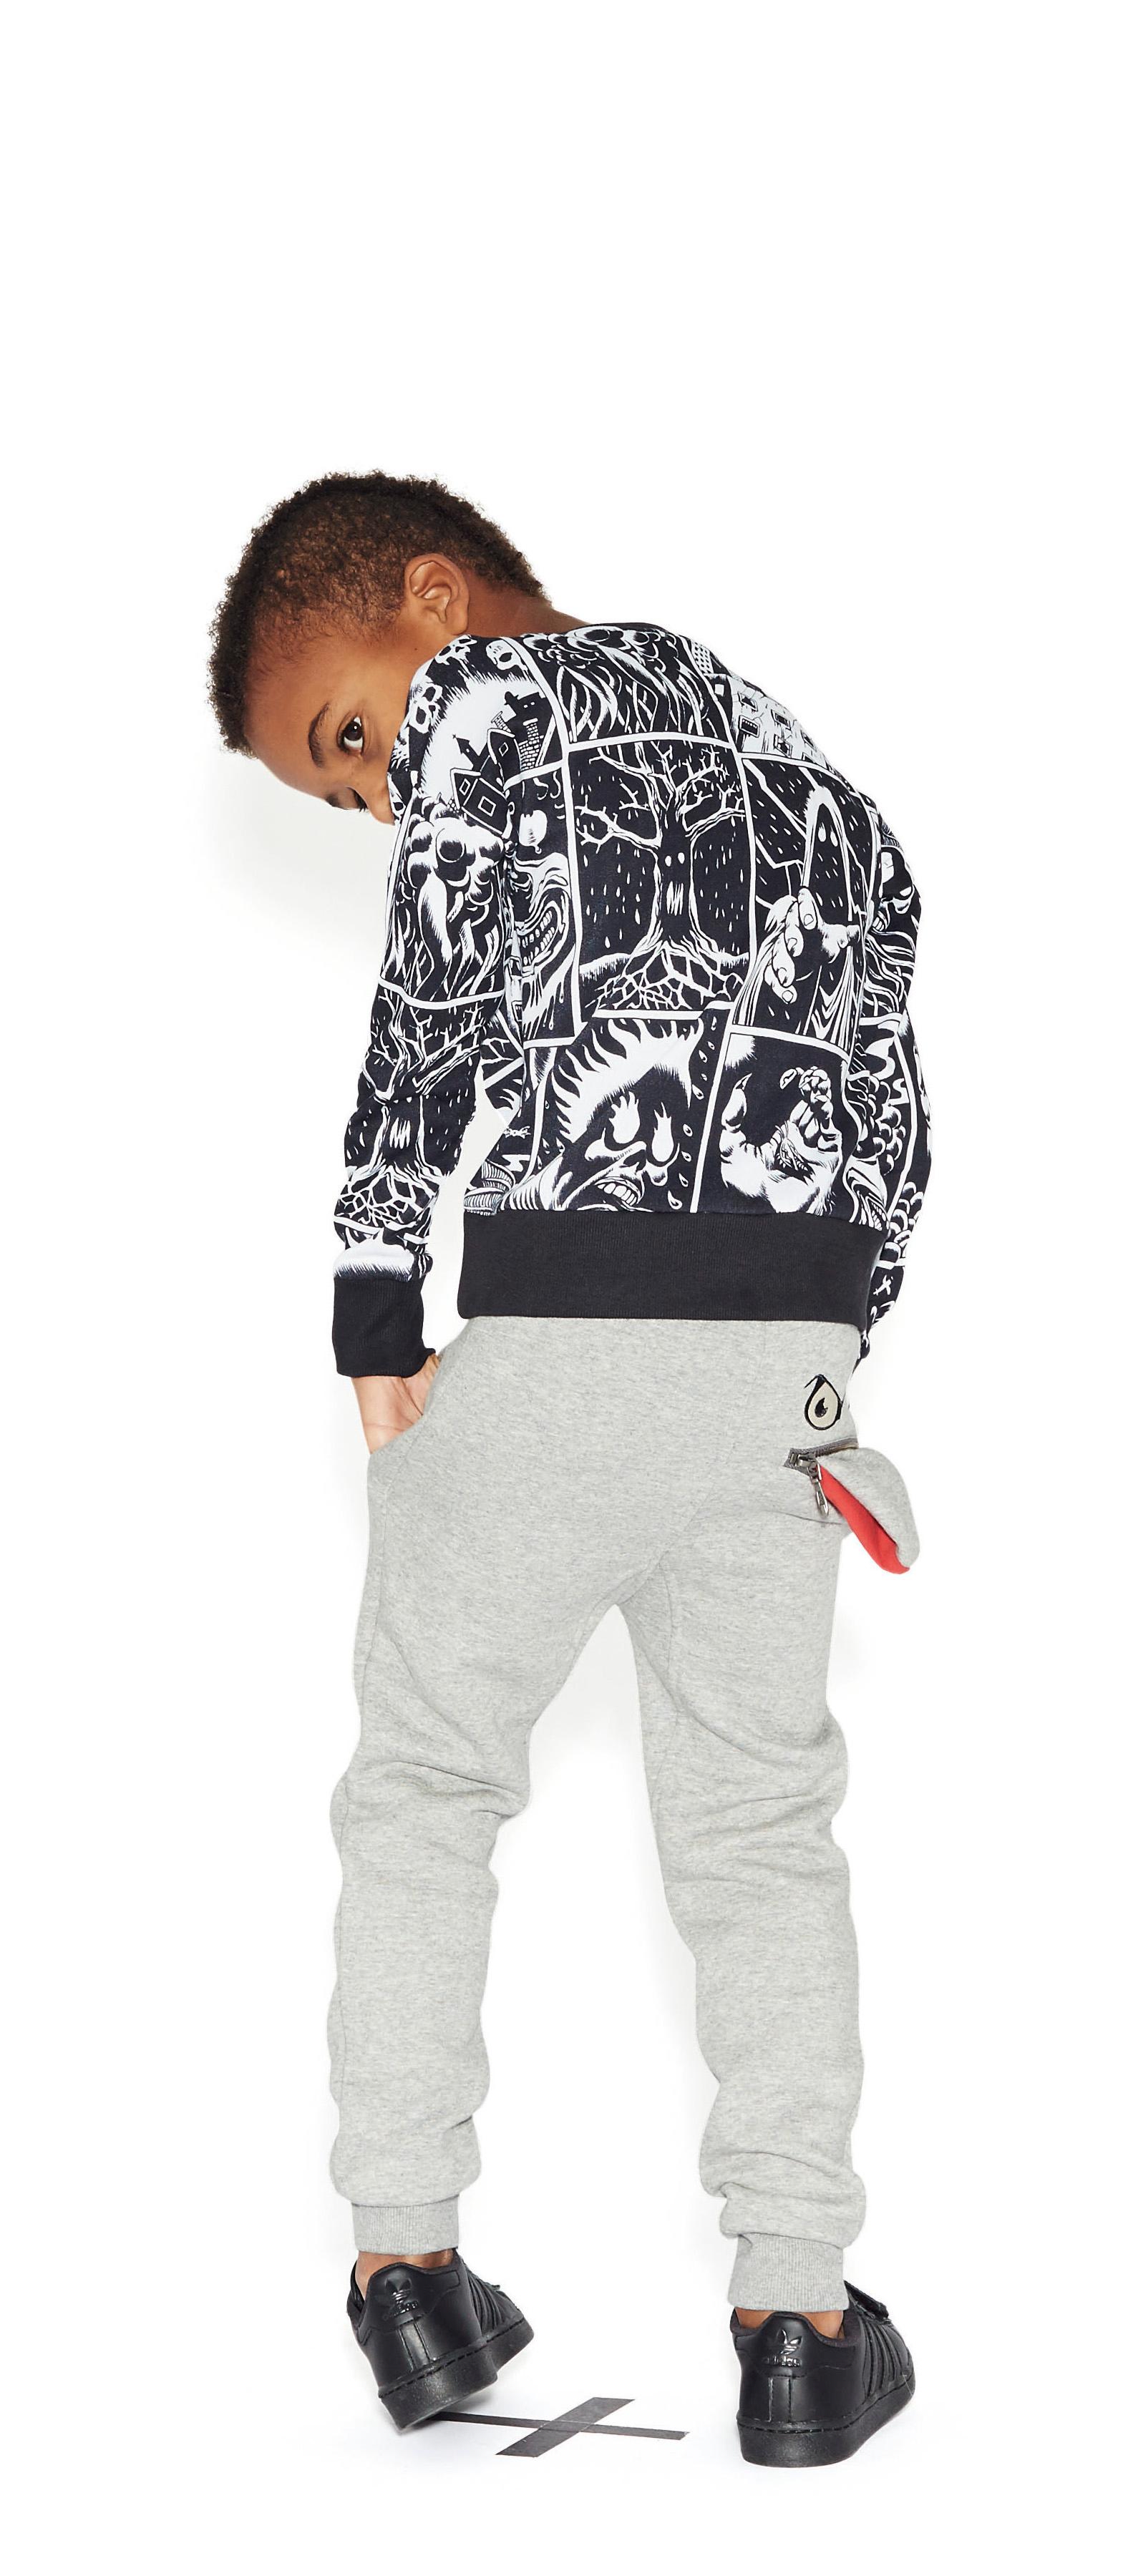 Moda-infantil-molo-kids-dappbaby-pantalon-gamberro